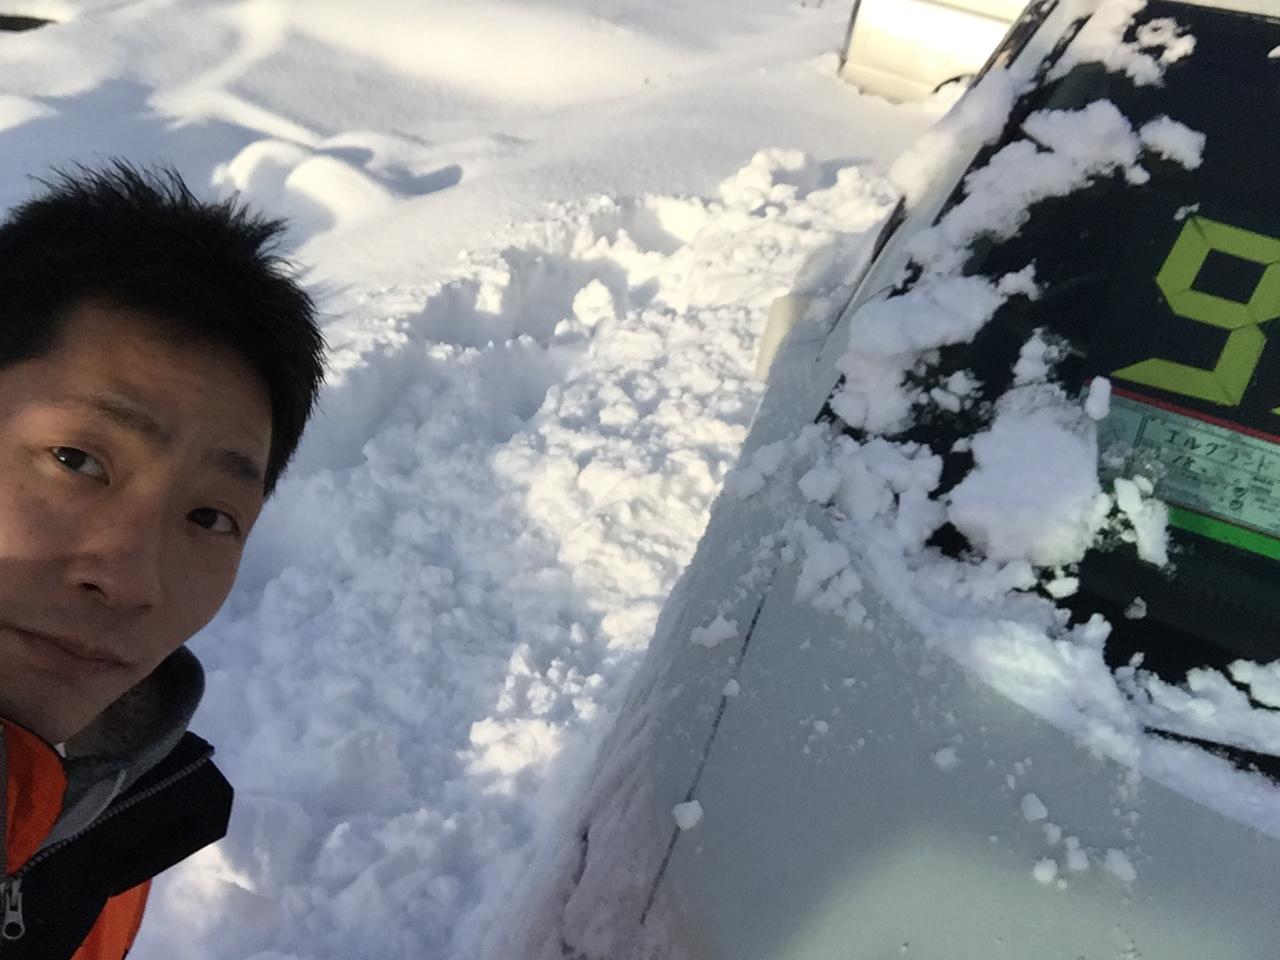 11月25日(水)☆TOMMYアウトレット☆あゆみブログ♪大雪!!自社ローン☆ローンサポート_b0127002_17365141.jpg